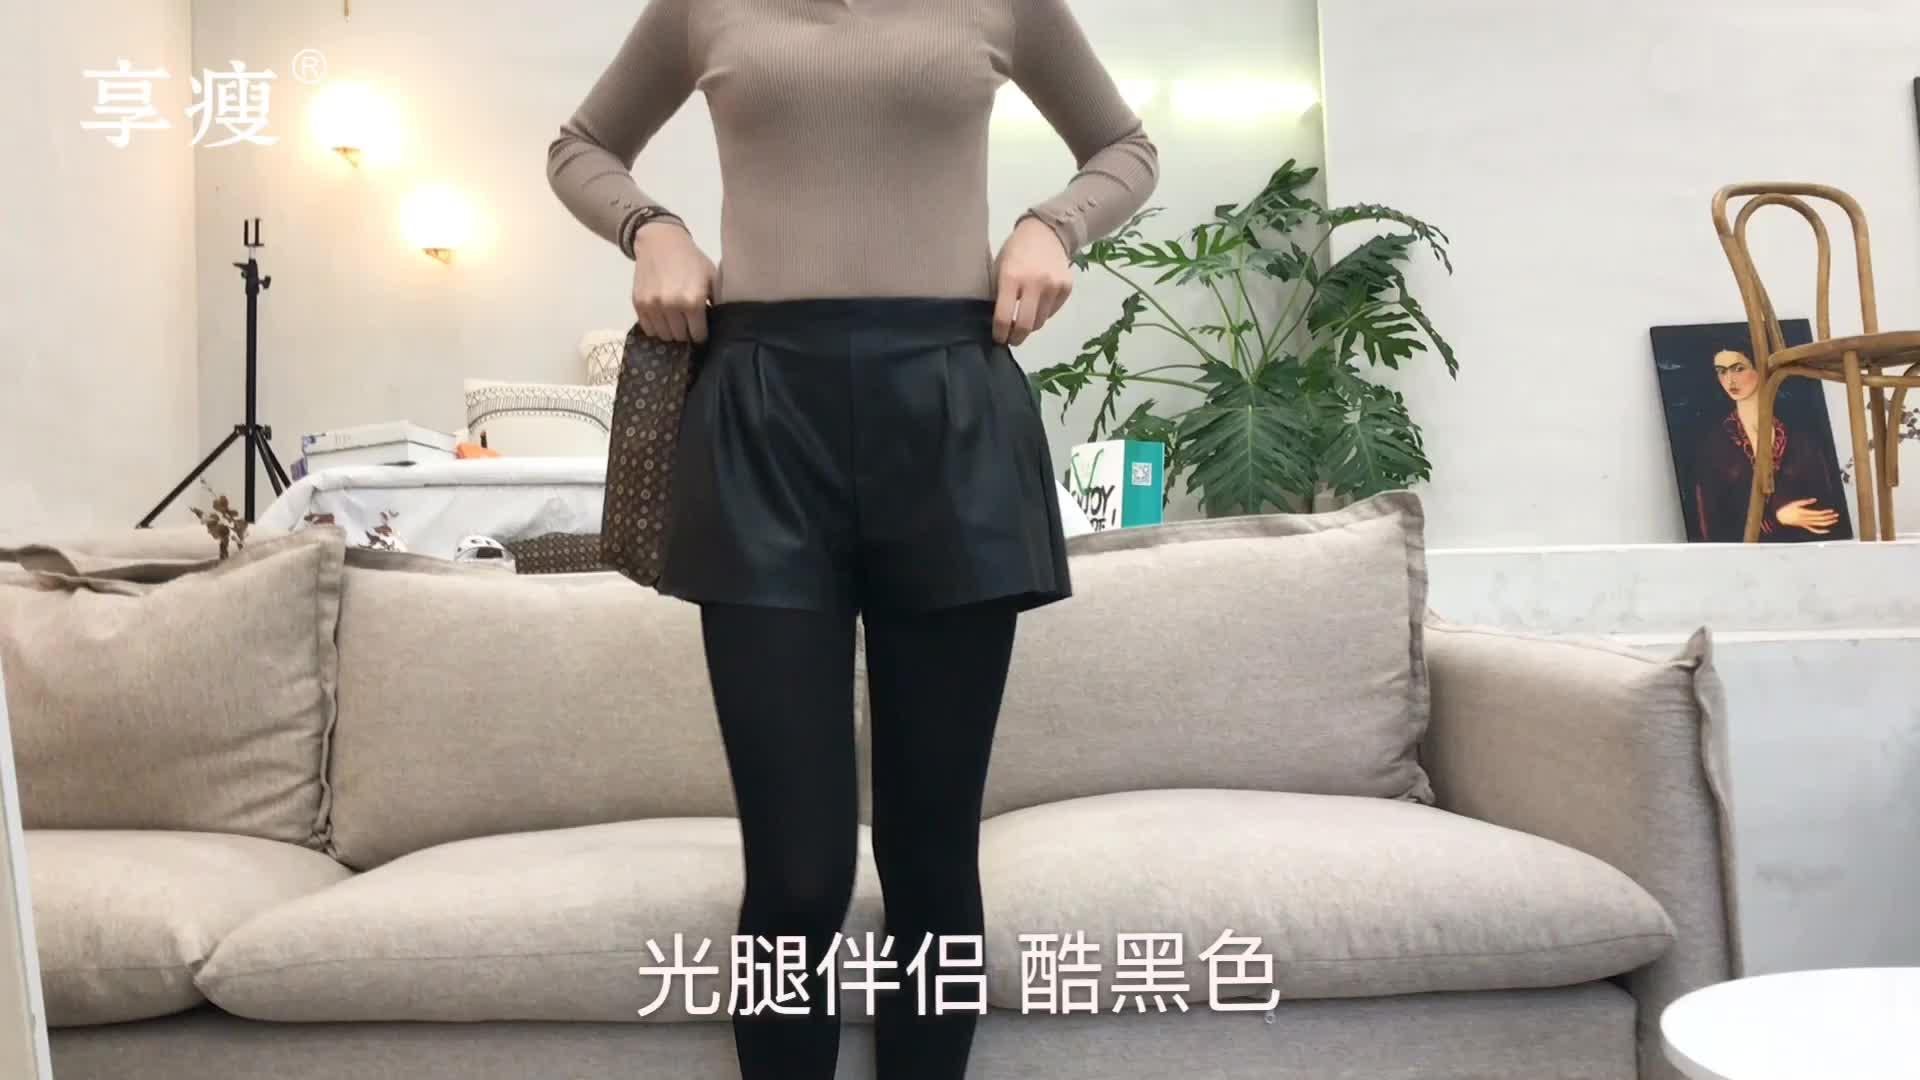 2018秋冬新款享瘦光腿伴侣潮时尚皮裤裙修身显瘦百搭半身裤裙短裤